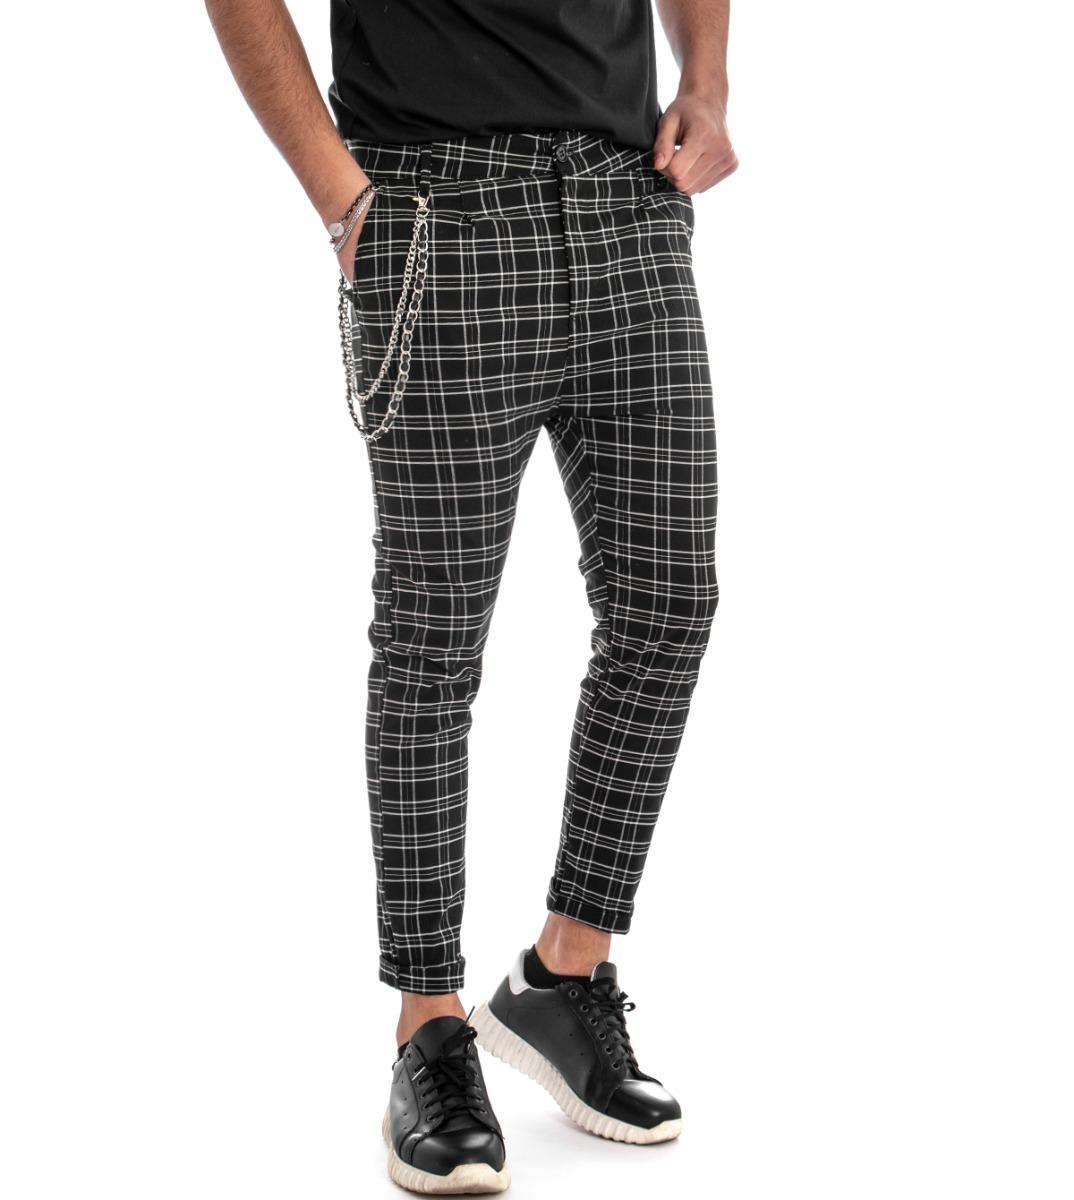 stili di moda nuova selezione Miglior prezzo Pantalone Uomo Fantasia Scozzese Tasca America Quadri Quadretti Nero GIOSAL  • EUR 28,80